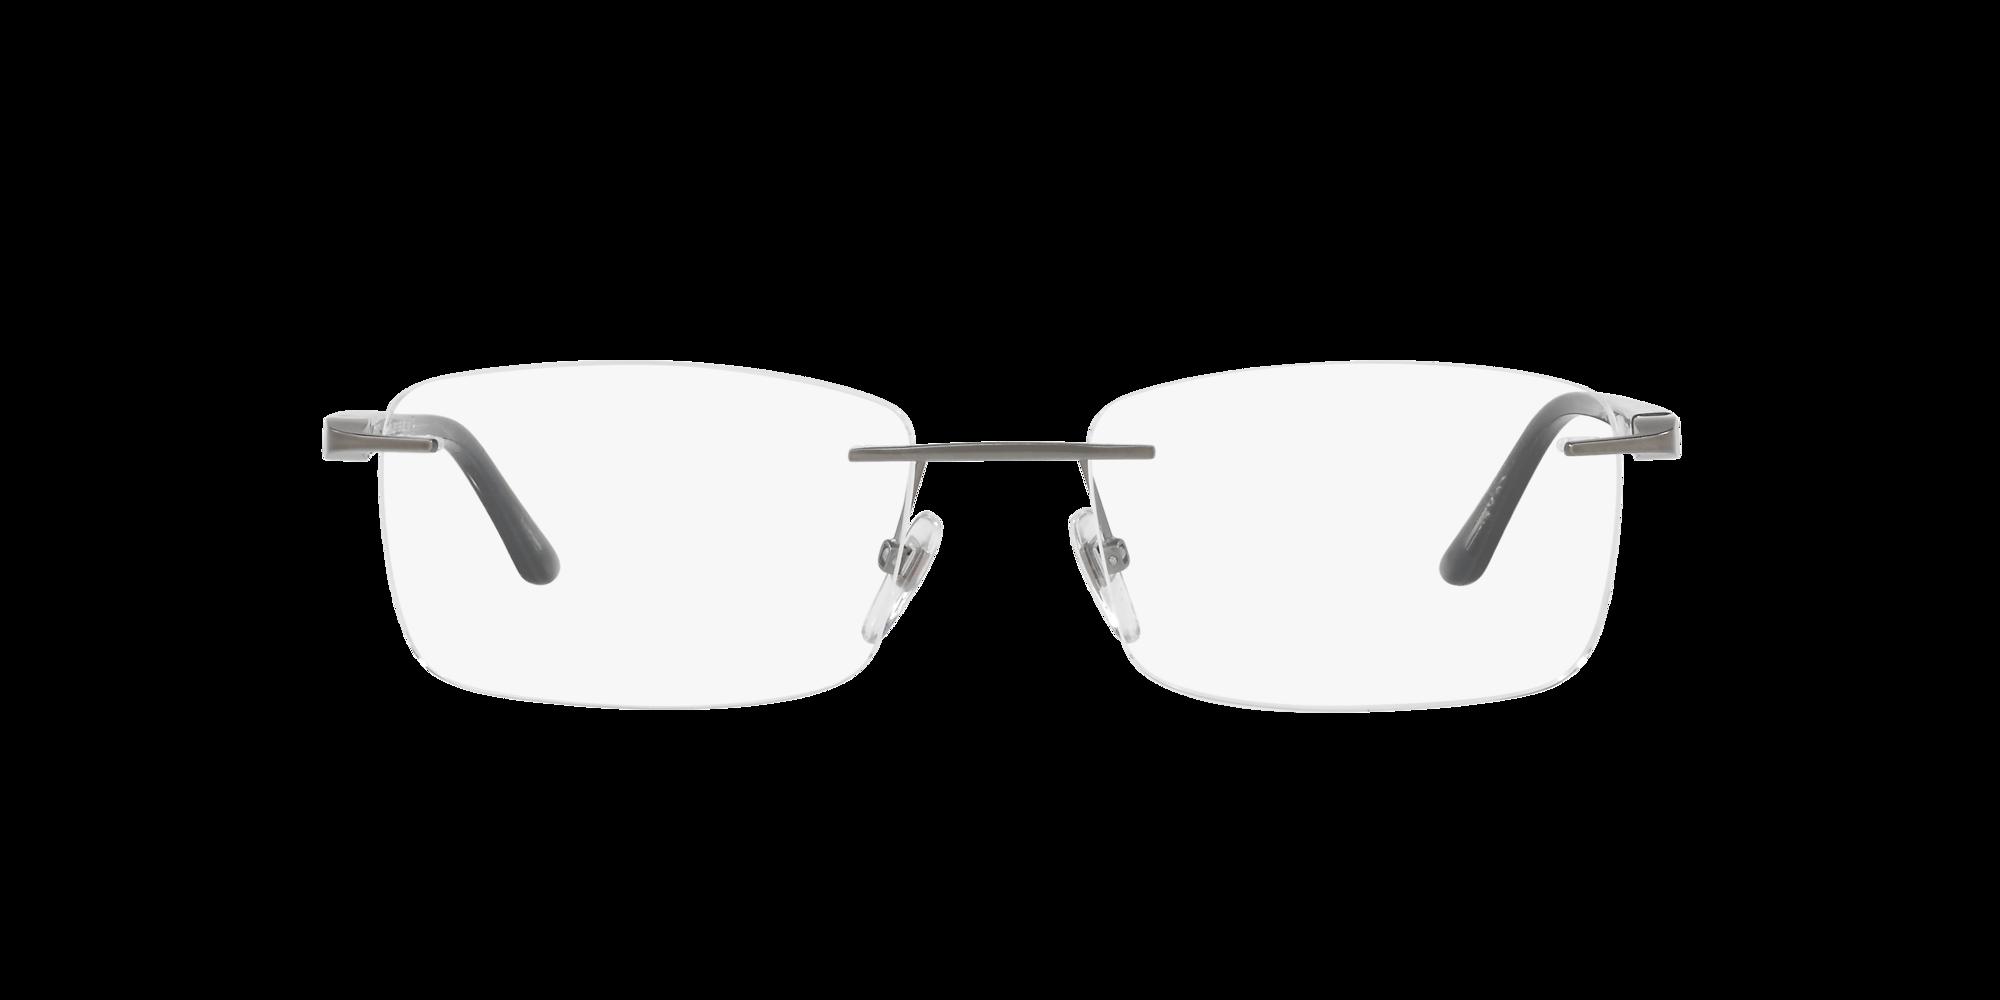 Imagen para SH2023 de LensCrafters    Espejuelos, espejuelos graduados en línea, gafas